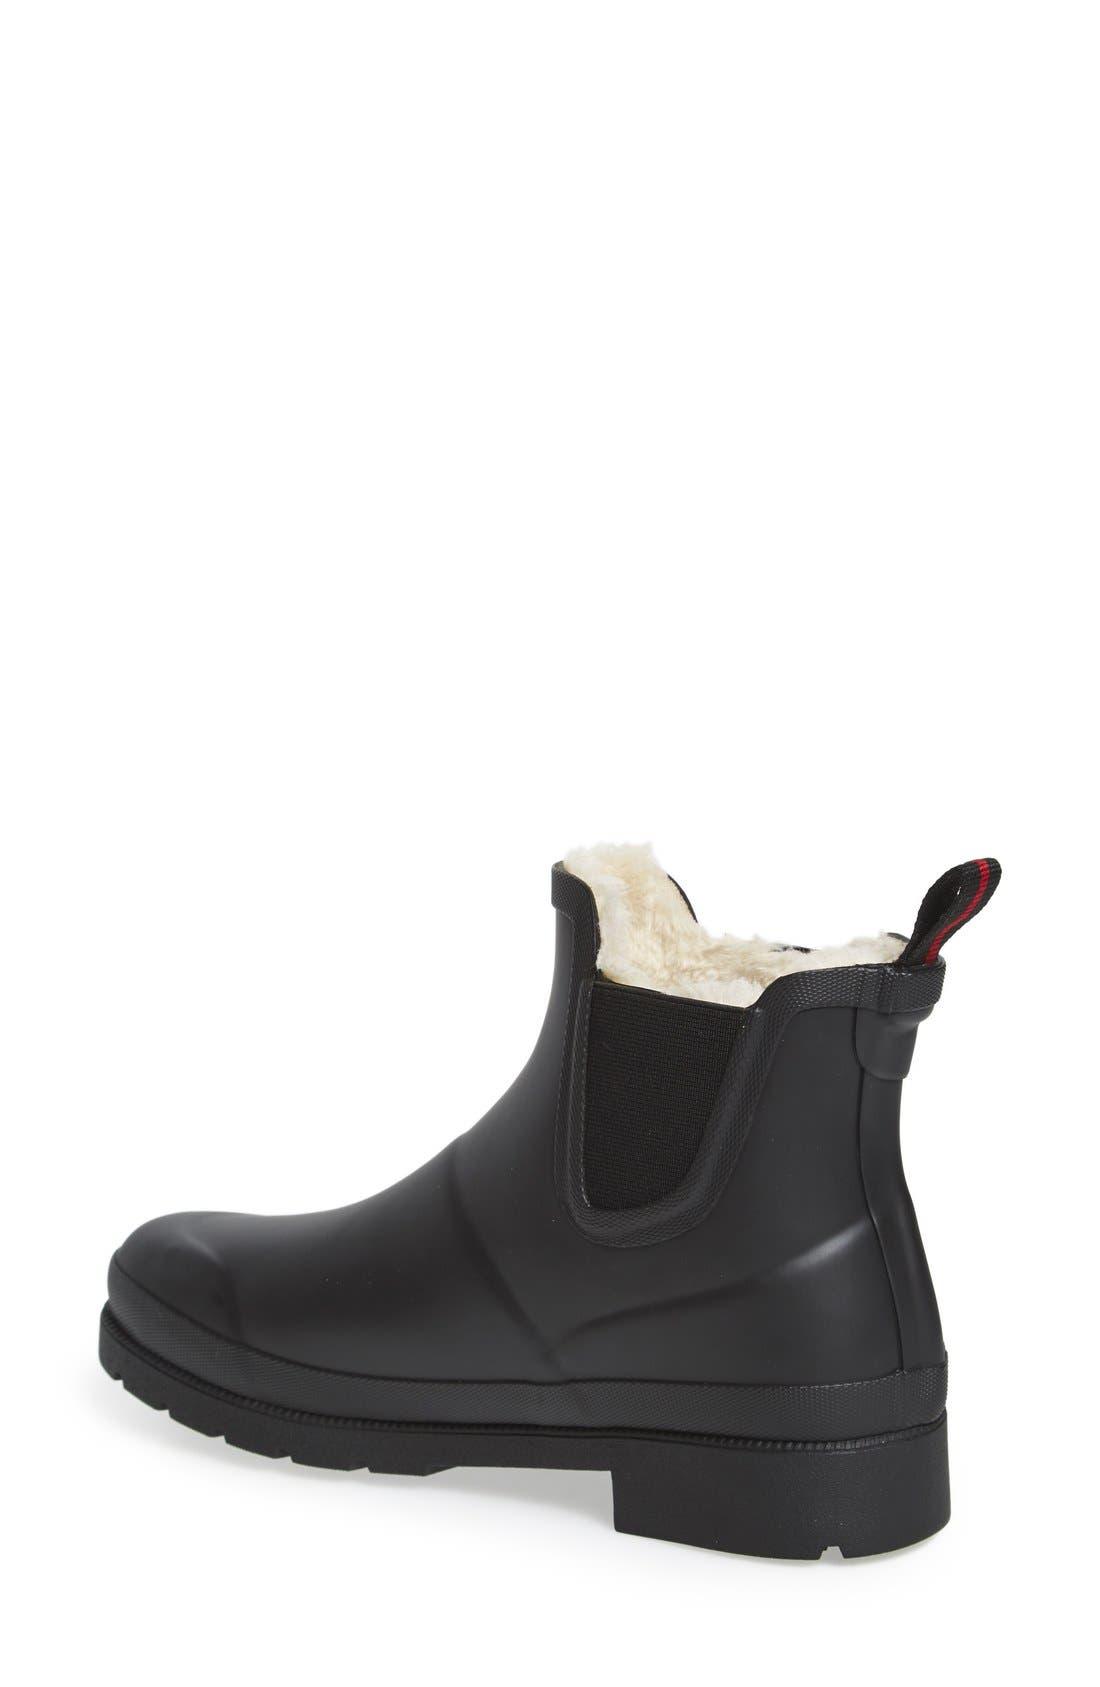 Alternate Image 2  - Tretorn Chelsea Rain Boot (Women)